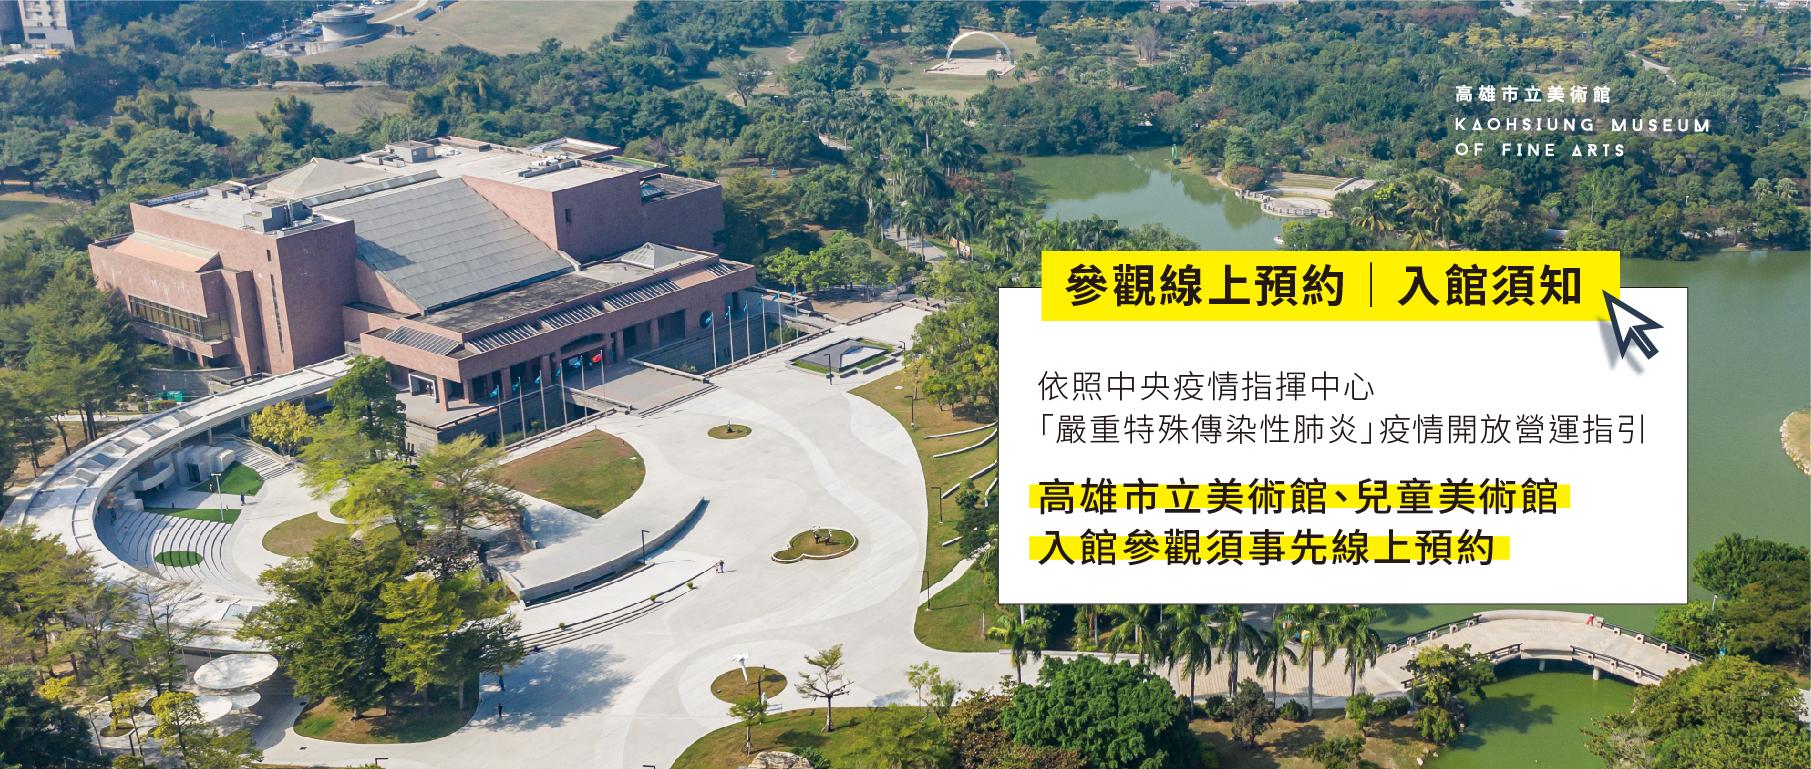 【參觀線上預約│入館須知】高雄市立美術館、兒童美術館,參觀須事先線上預約。